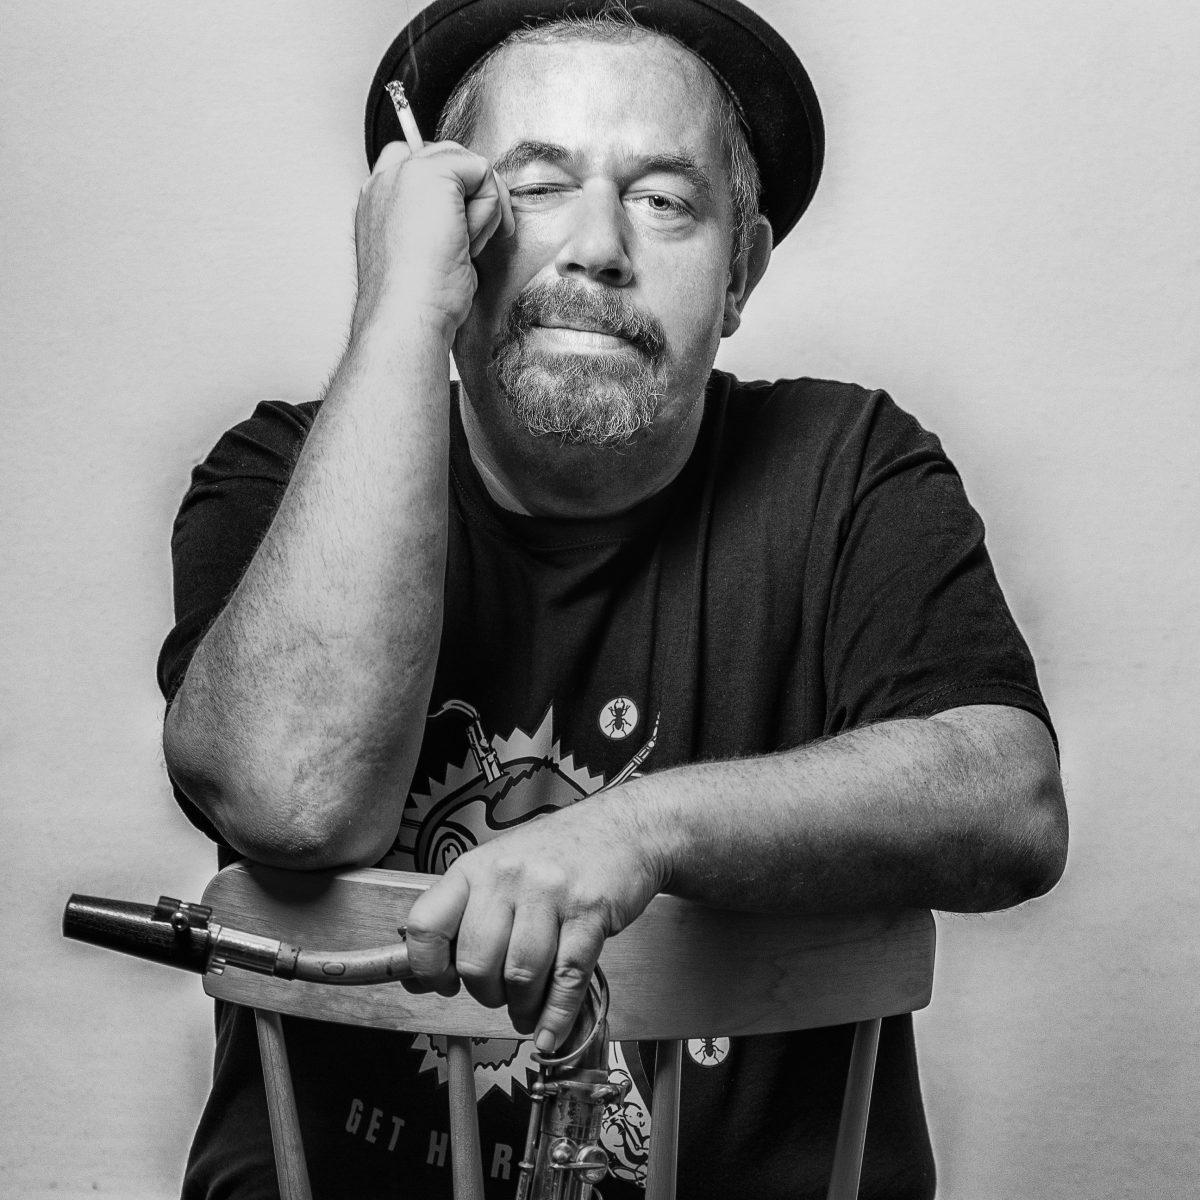 Bandleader Tommy Schneller